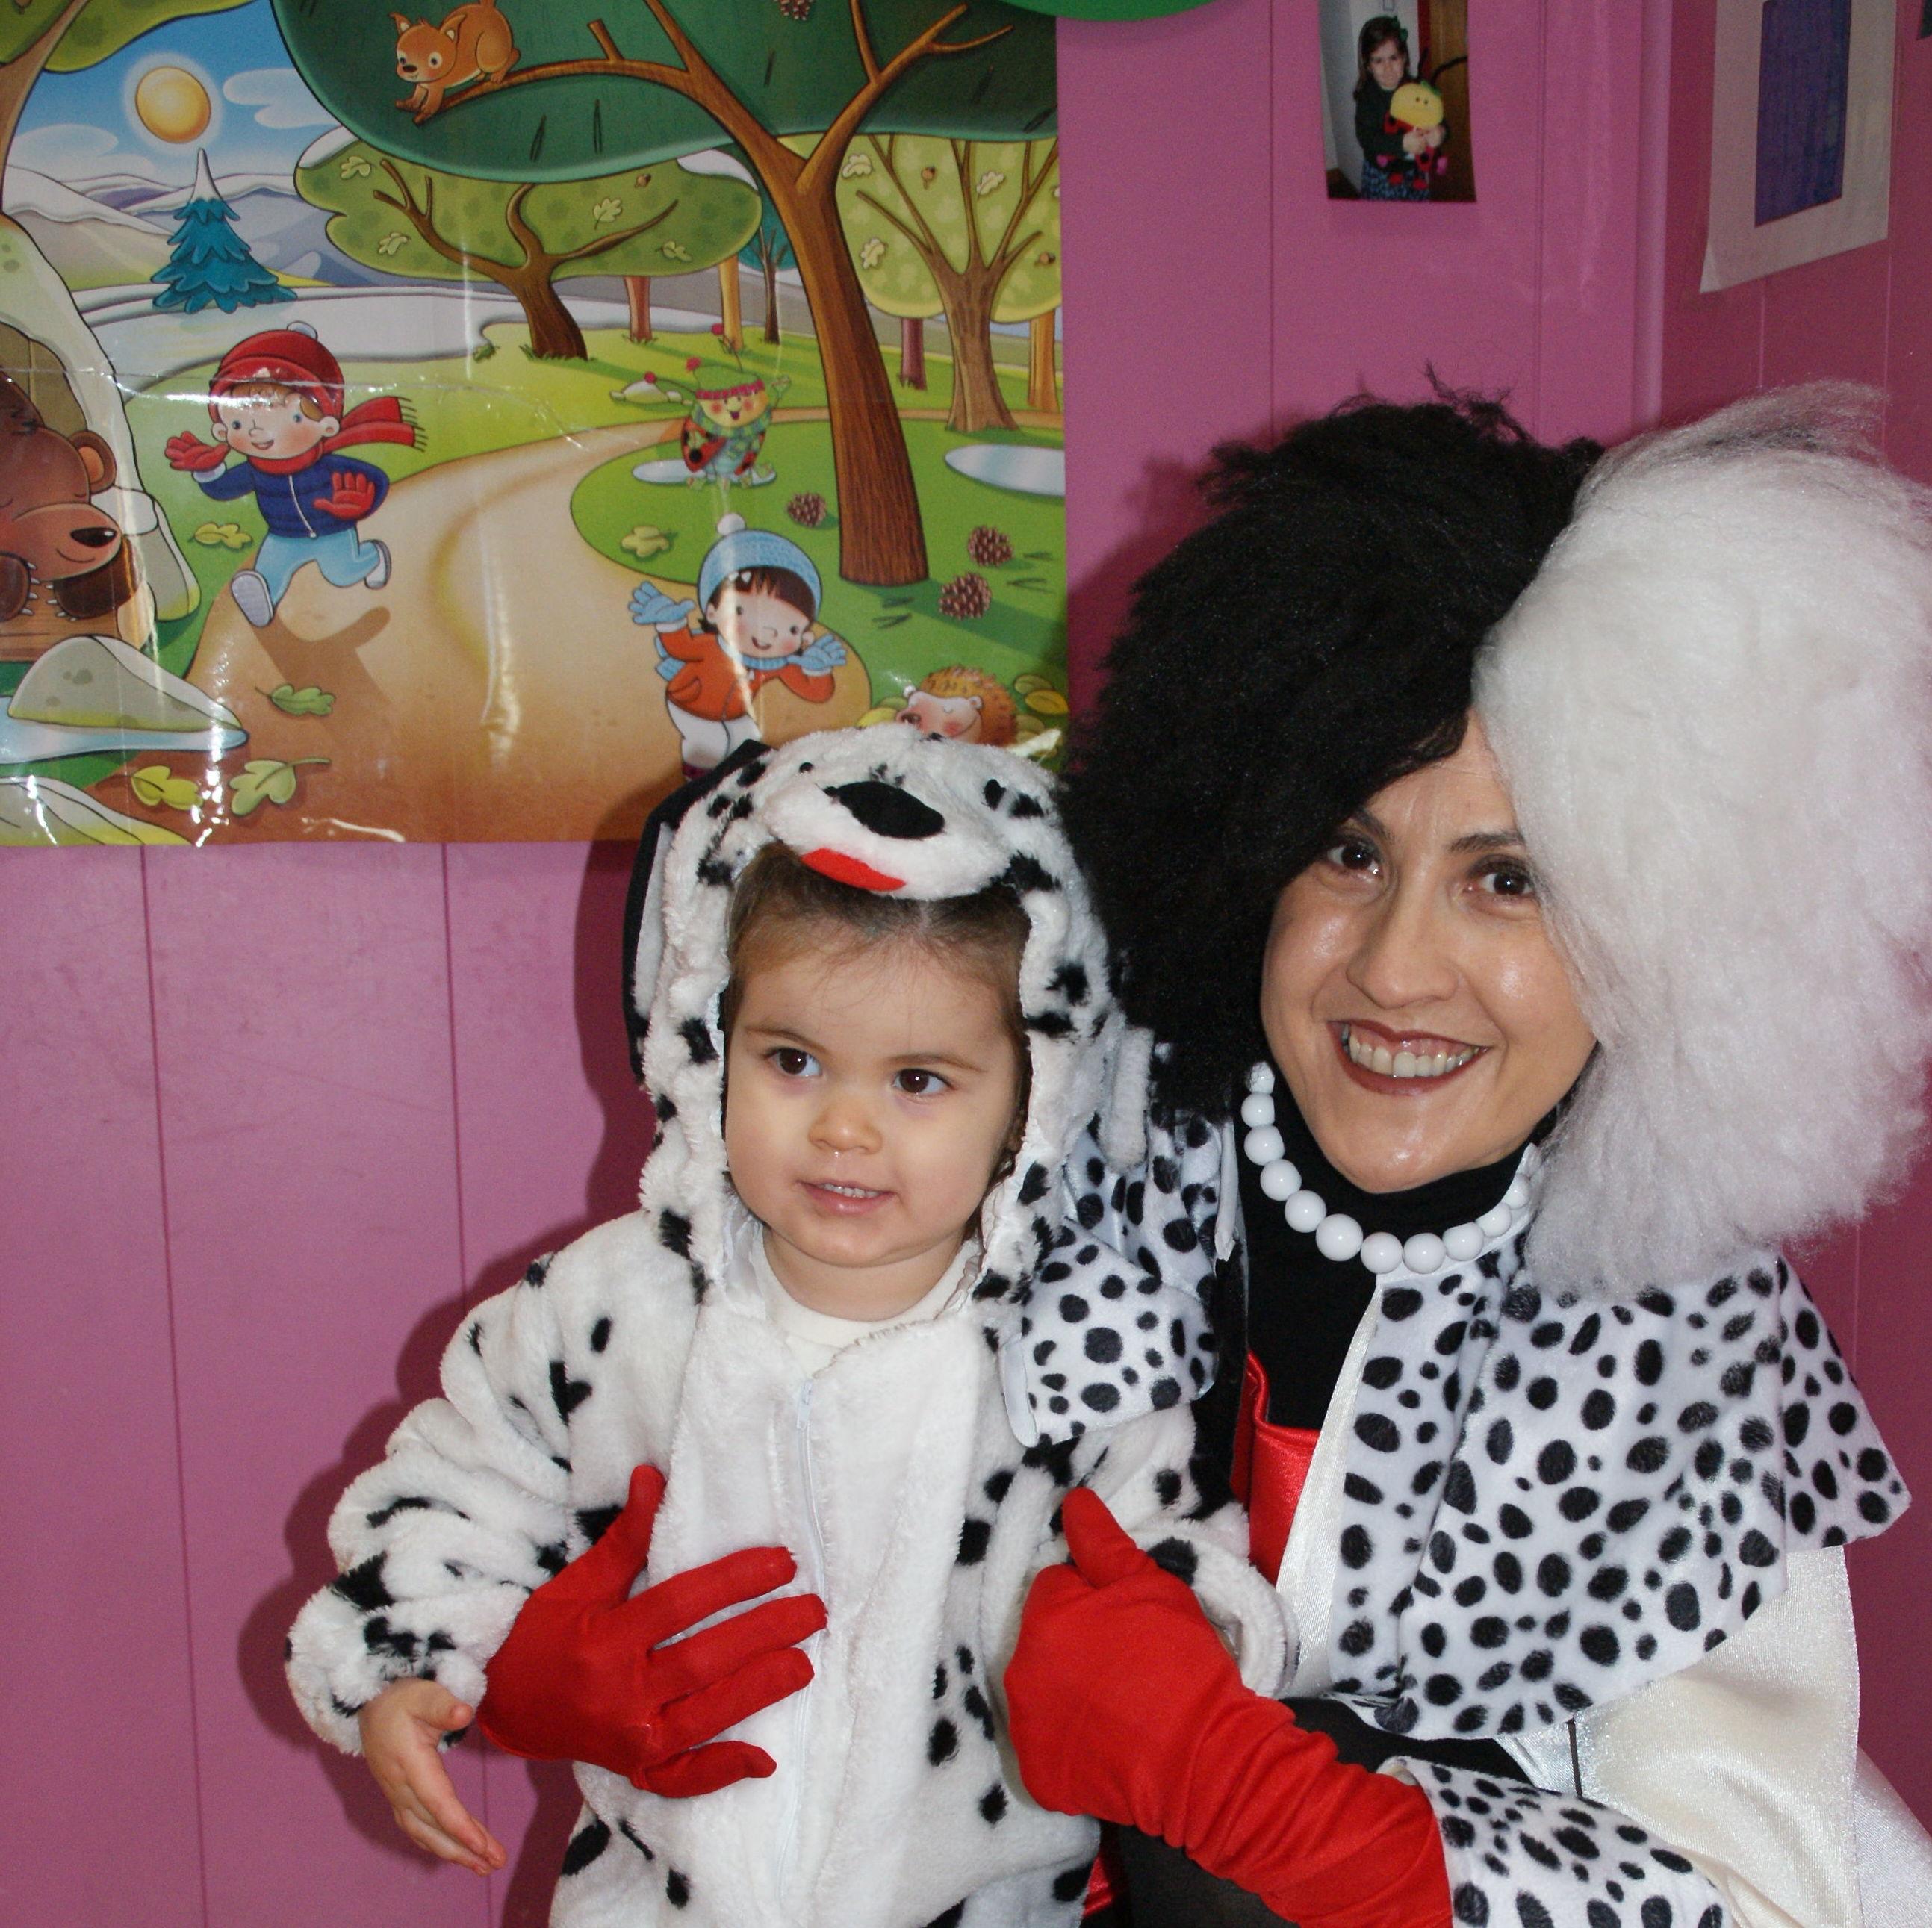 Foto 21 de Escuela infantil para niños de 0 a 3 años en Getafe | Escuela Infantil Bebines